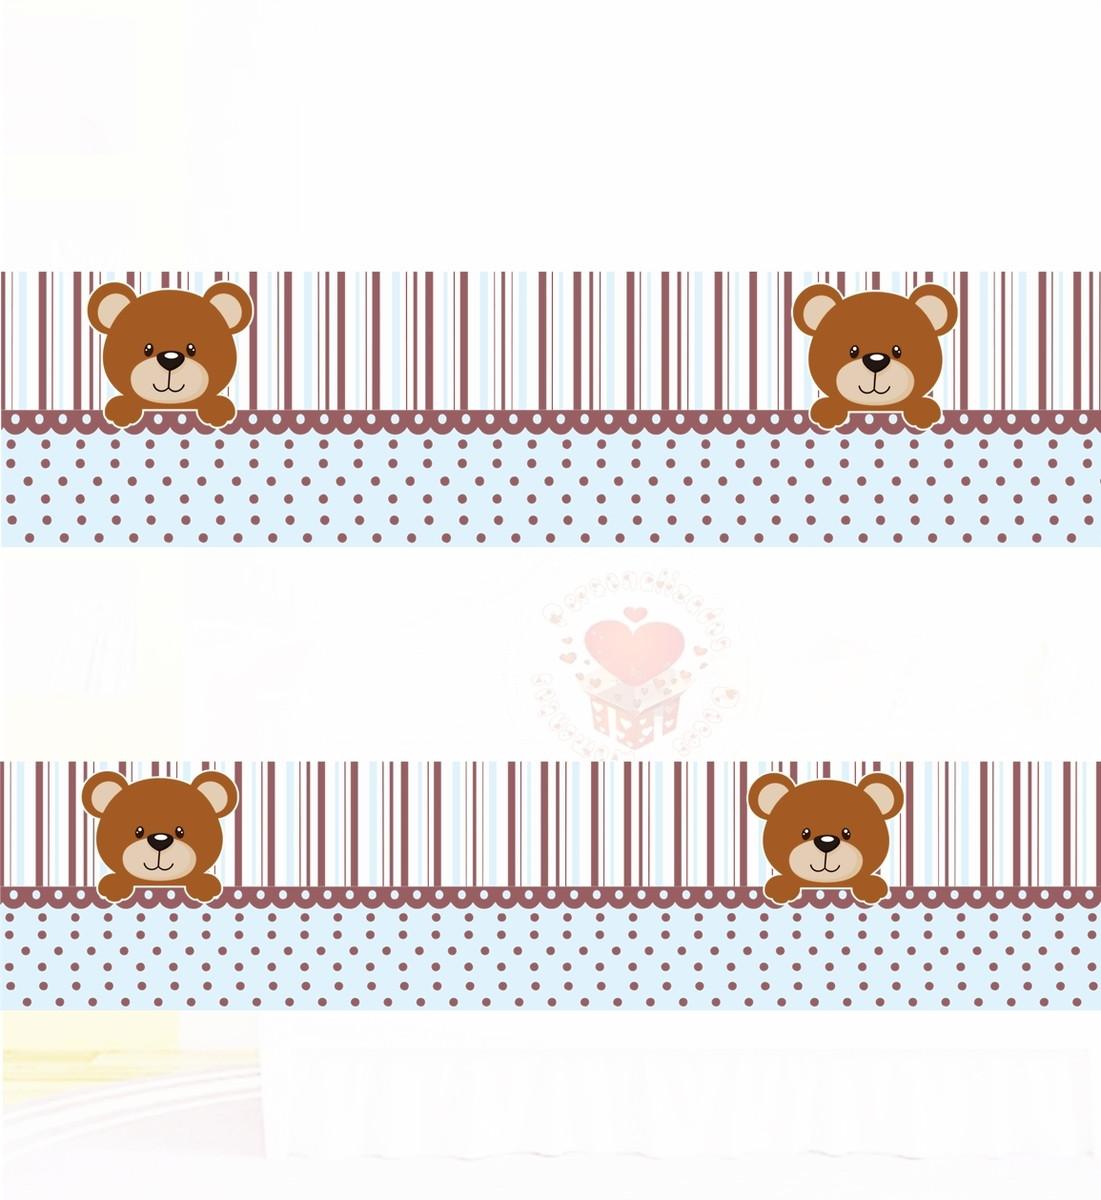 Faixa Para Quarto De Bebe De Ursinho ~ faixa quarto ursinho poa faixa quarto urso